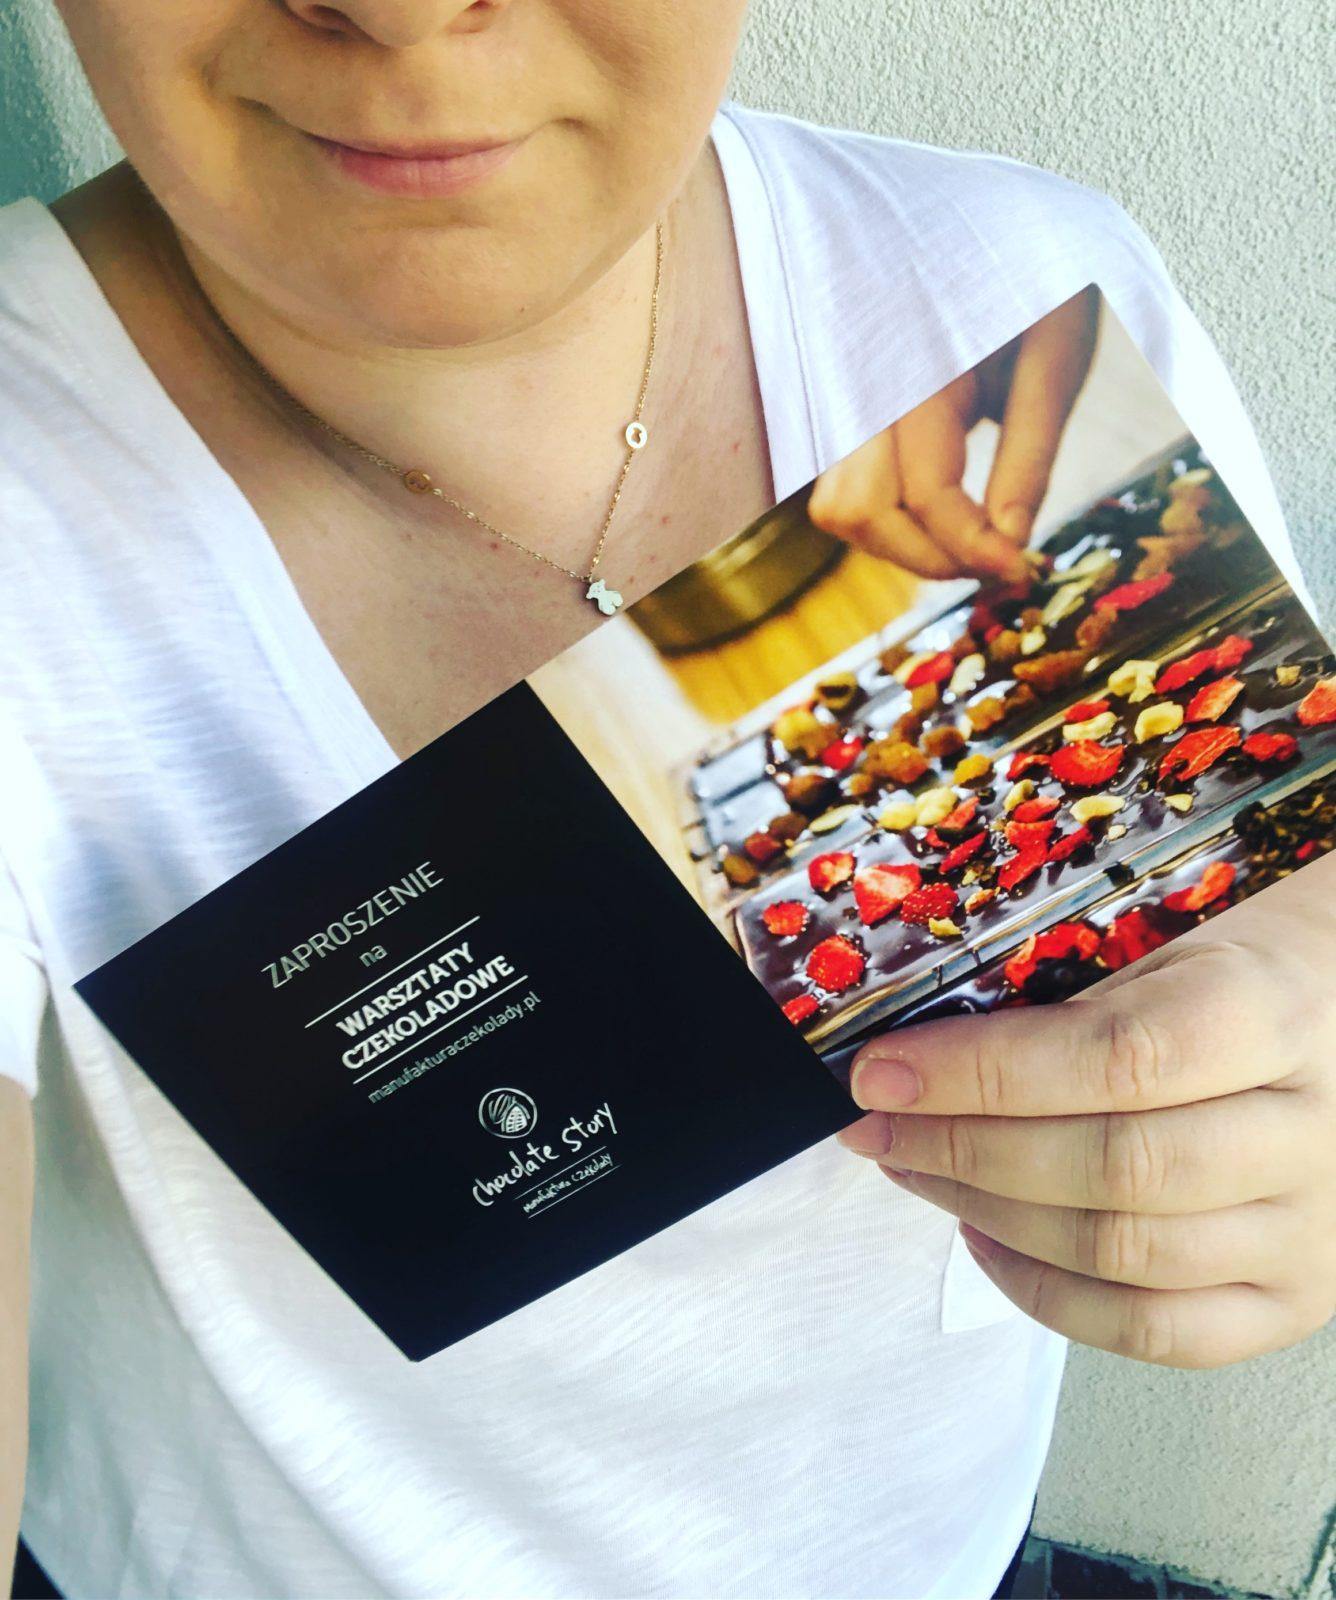 Konkurs! Wygraj zaproszenie na czekoladowe warsztaty w Manufakturze Czekolady w Łodzi!